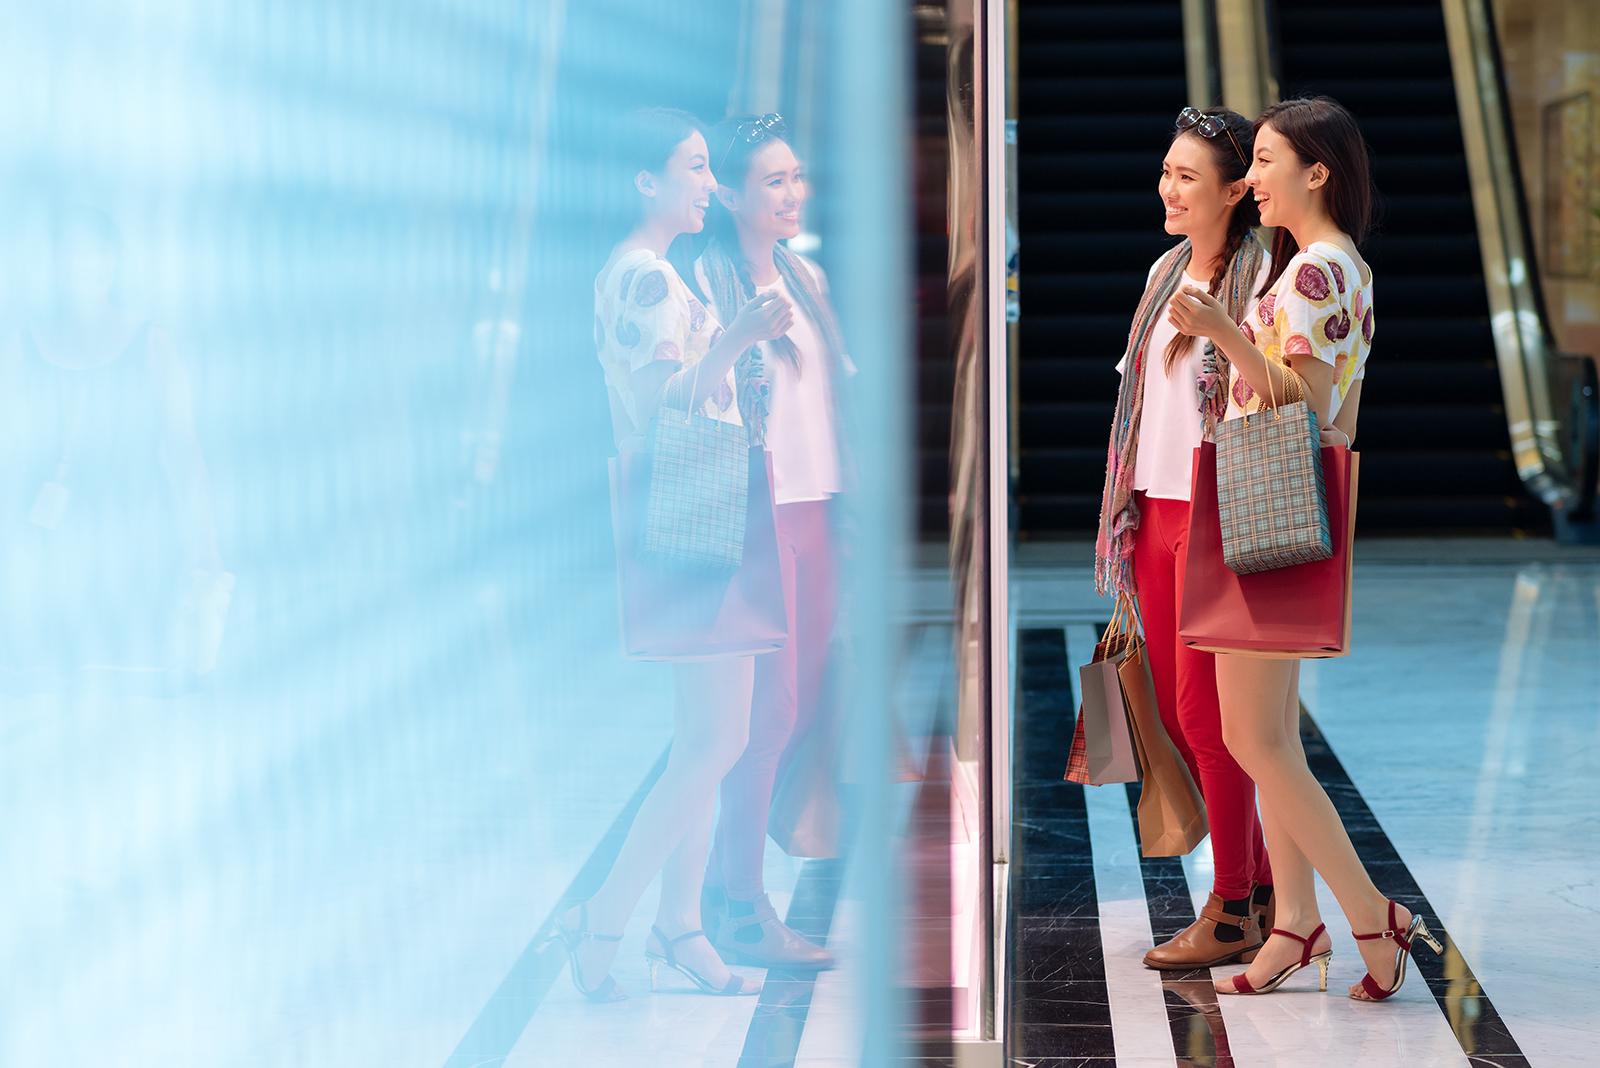 d2place-leasing-retail-shop